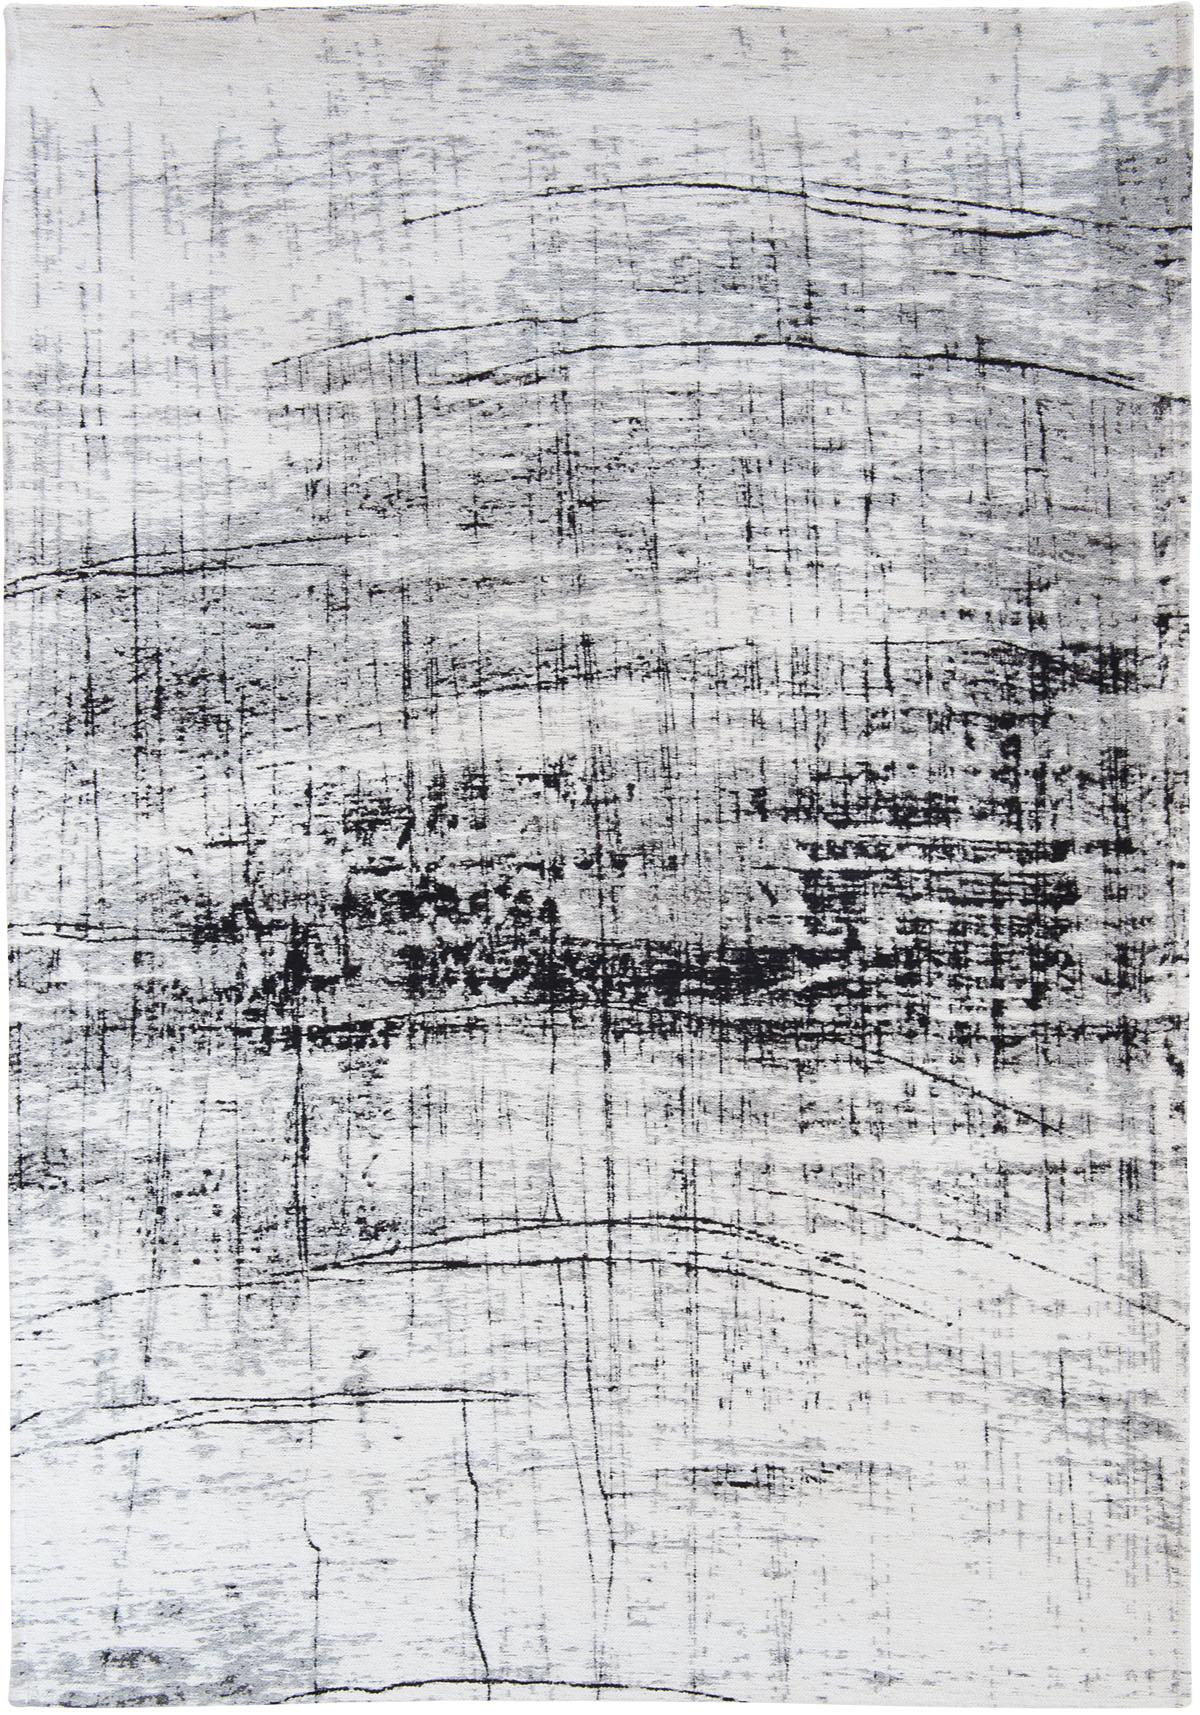 czarno biały dywan nowoczesny - MetroB&W 8926